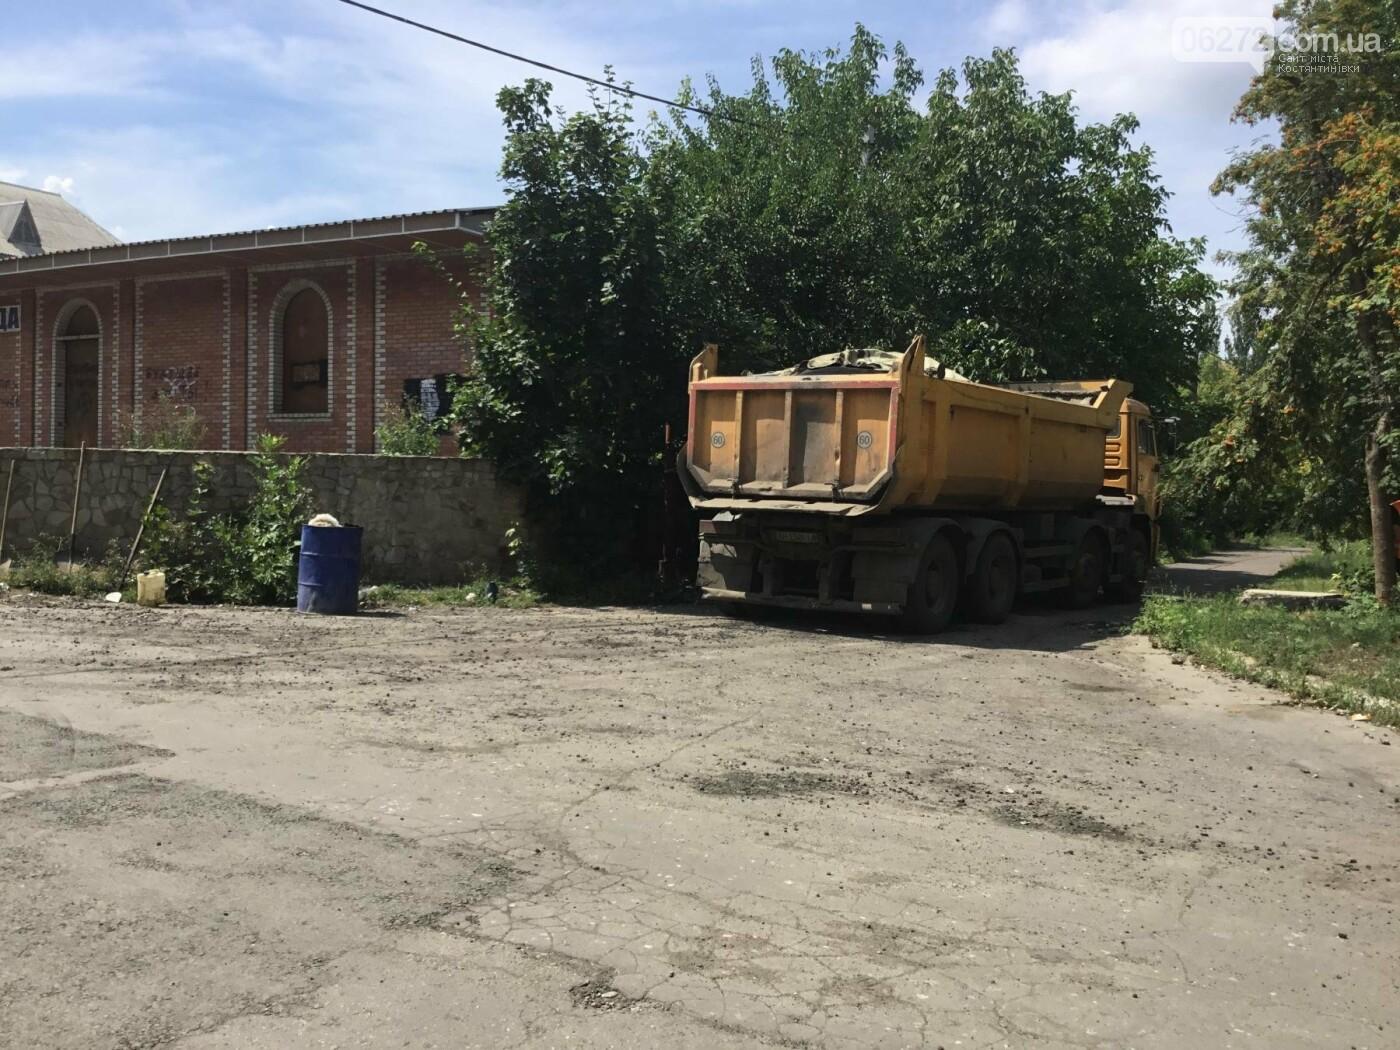 В Константиновке ремонтируют дорогу, фото-11